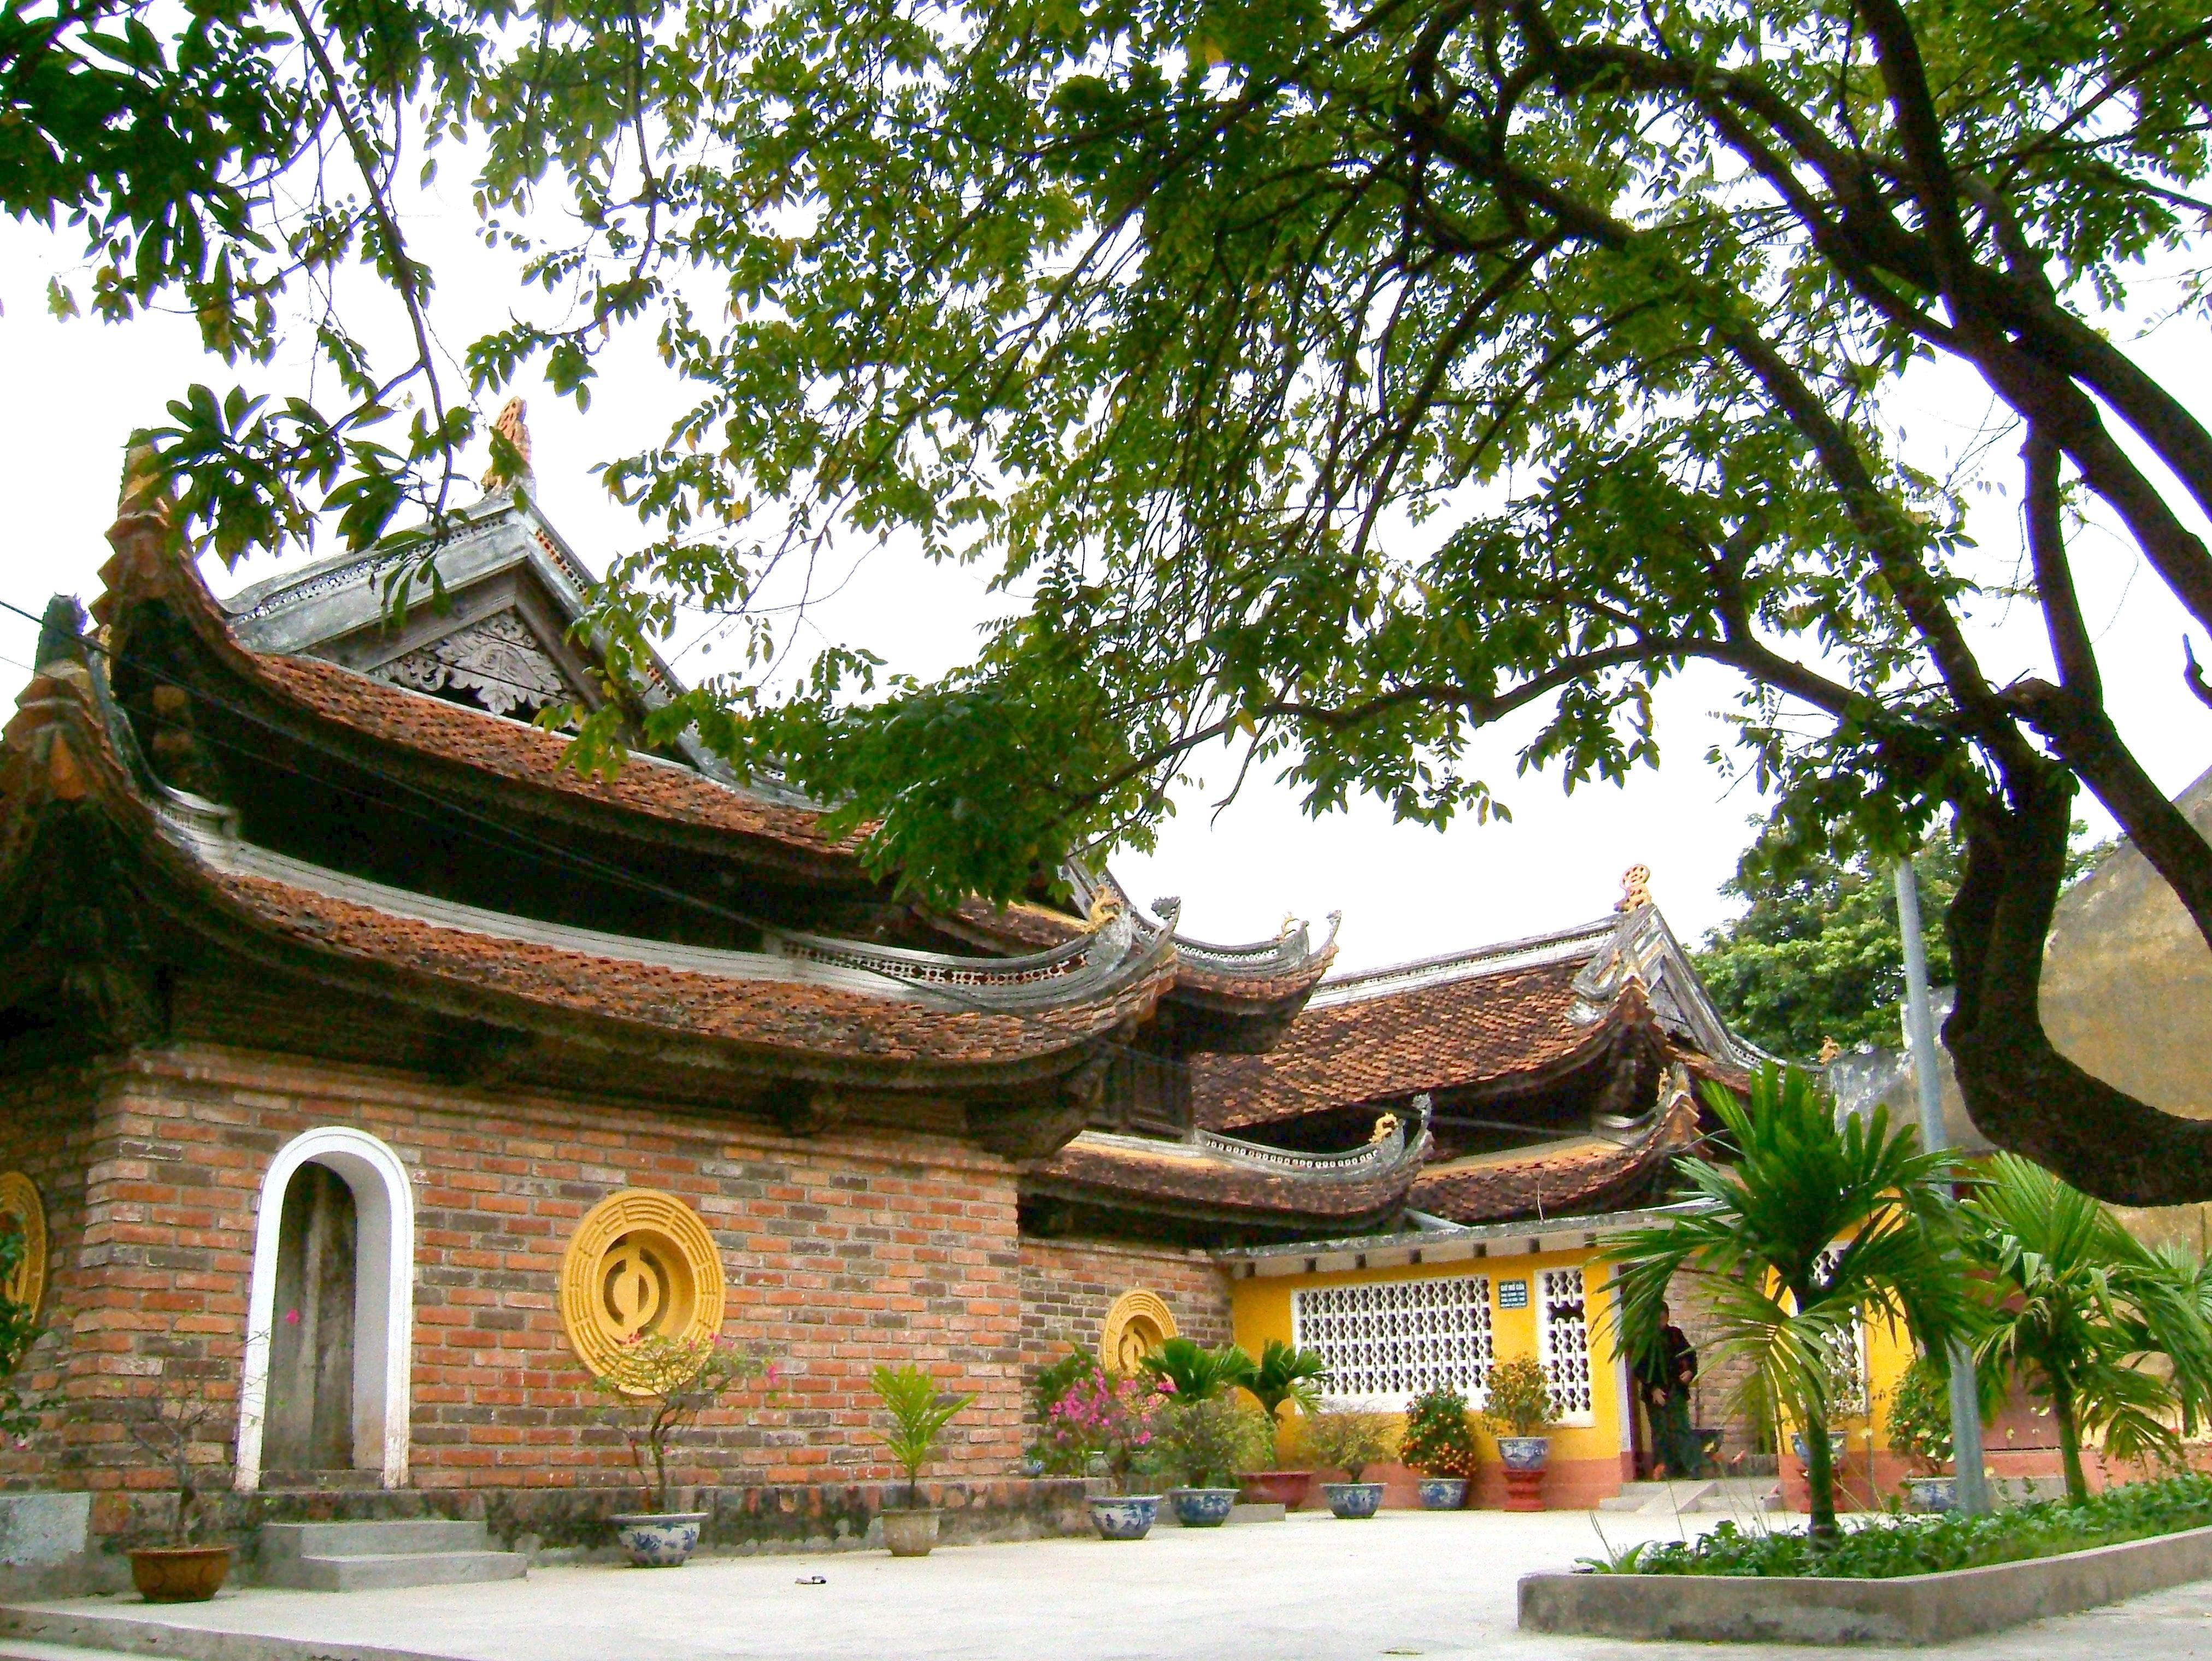 Cầu nhân duyên, phước lành, đừng quên ghé thăm 9 ngôi chùa linh thiêng nổi tiếng tại Hà Nội  - Ảnh 3.